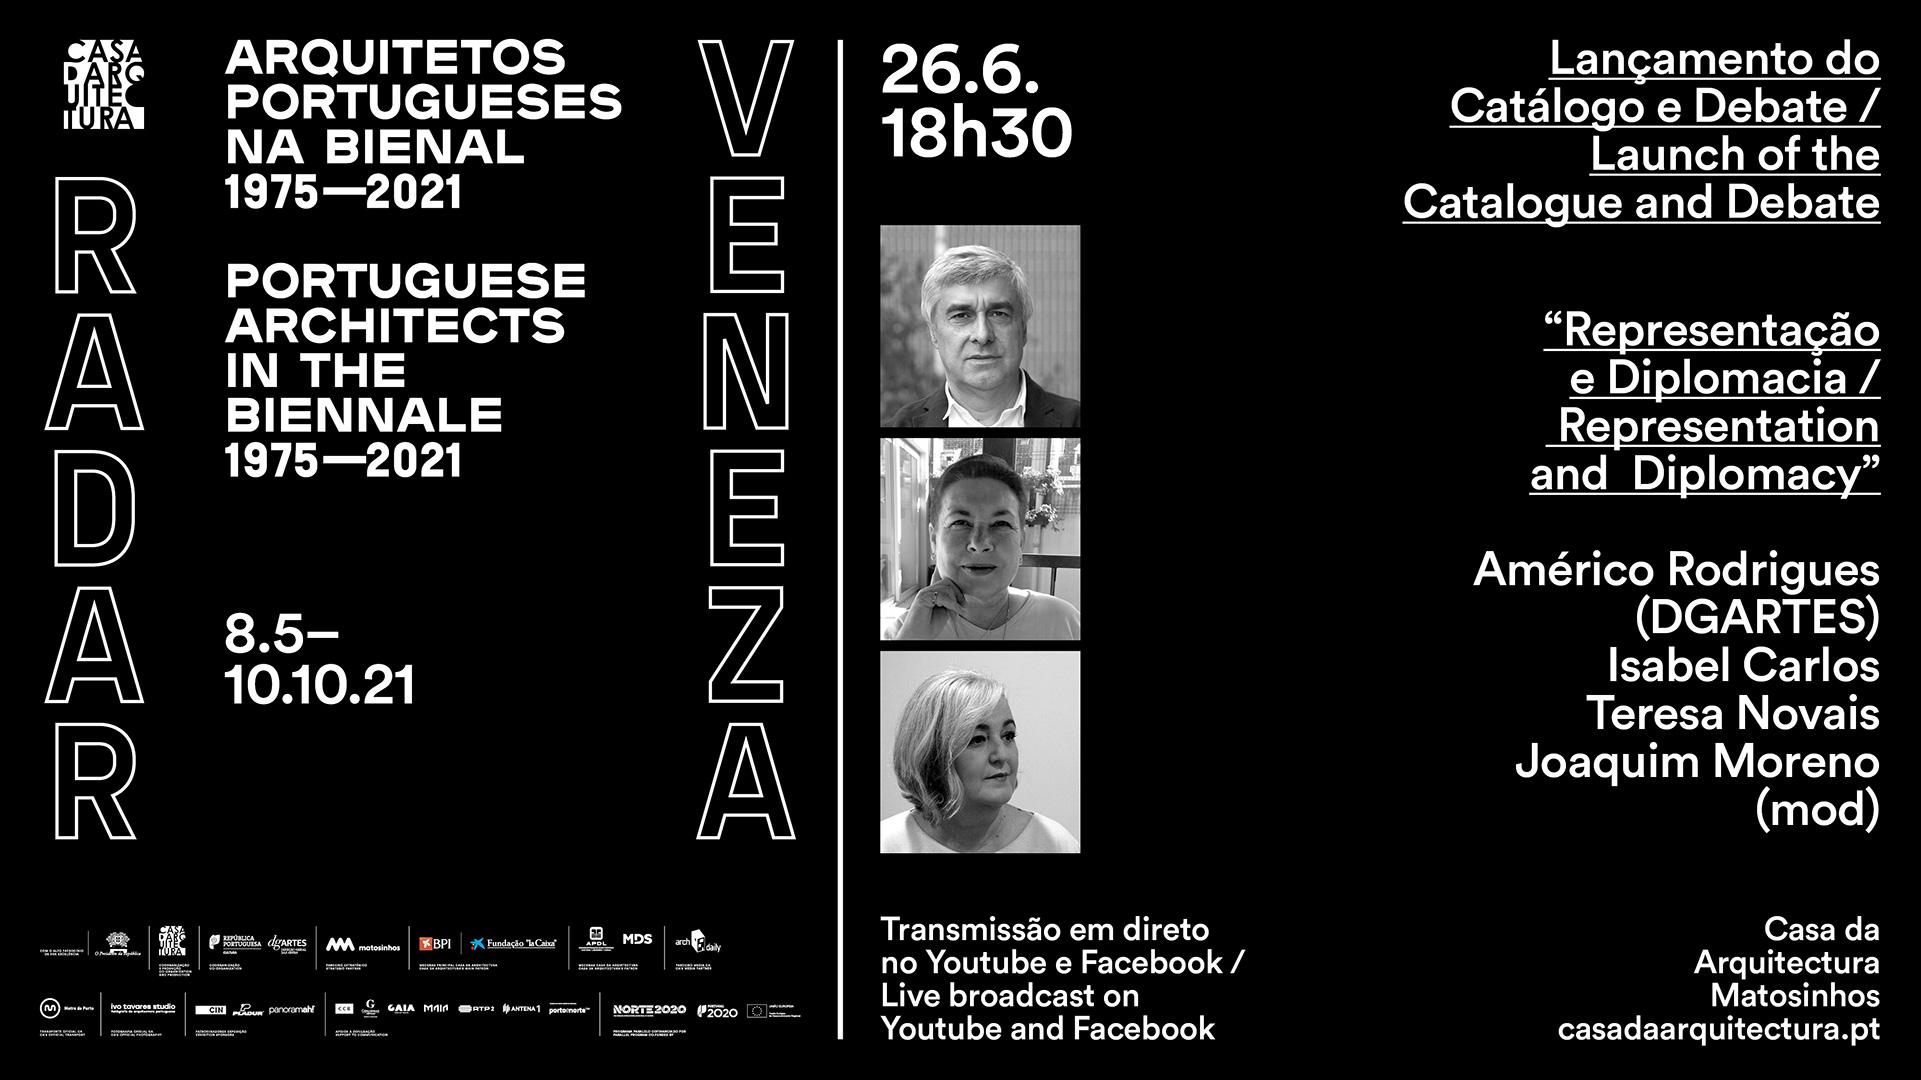 Lançamento do Catálogo Radar Veneza / Debate 'Representação e Diplomacia'